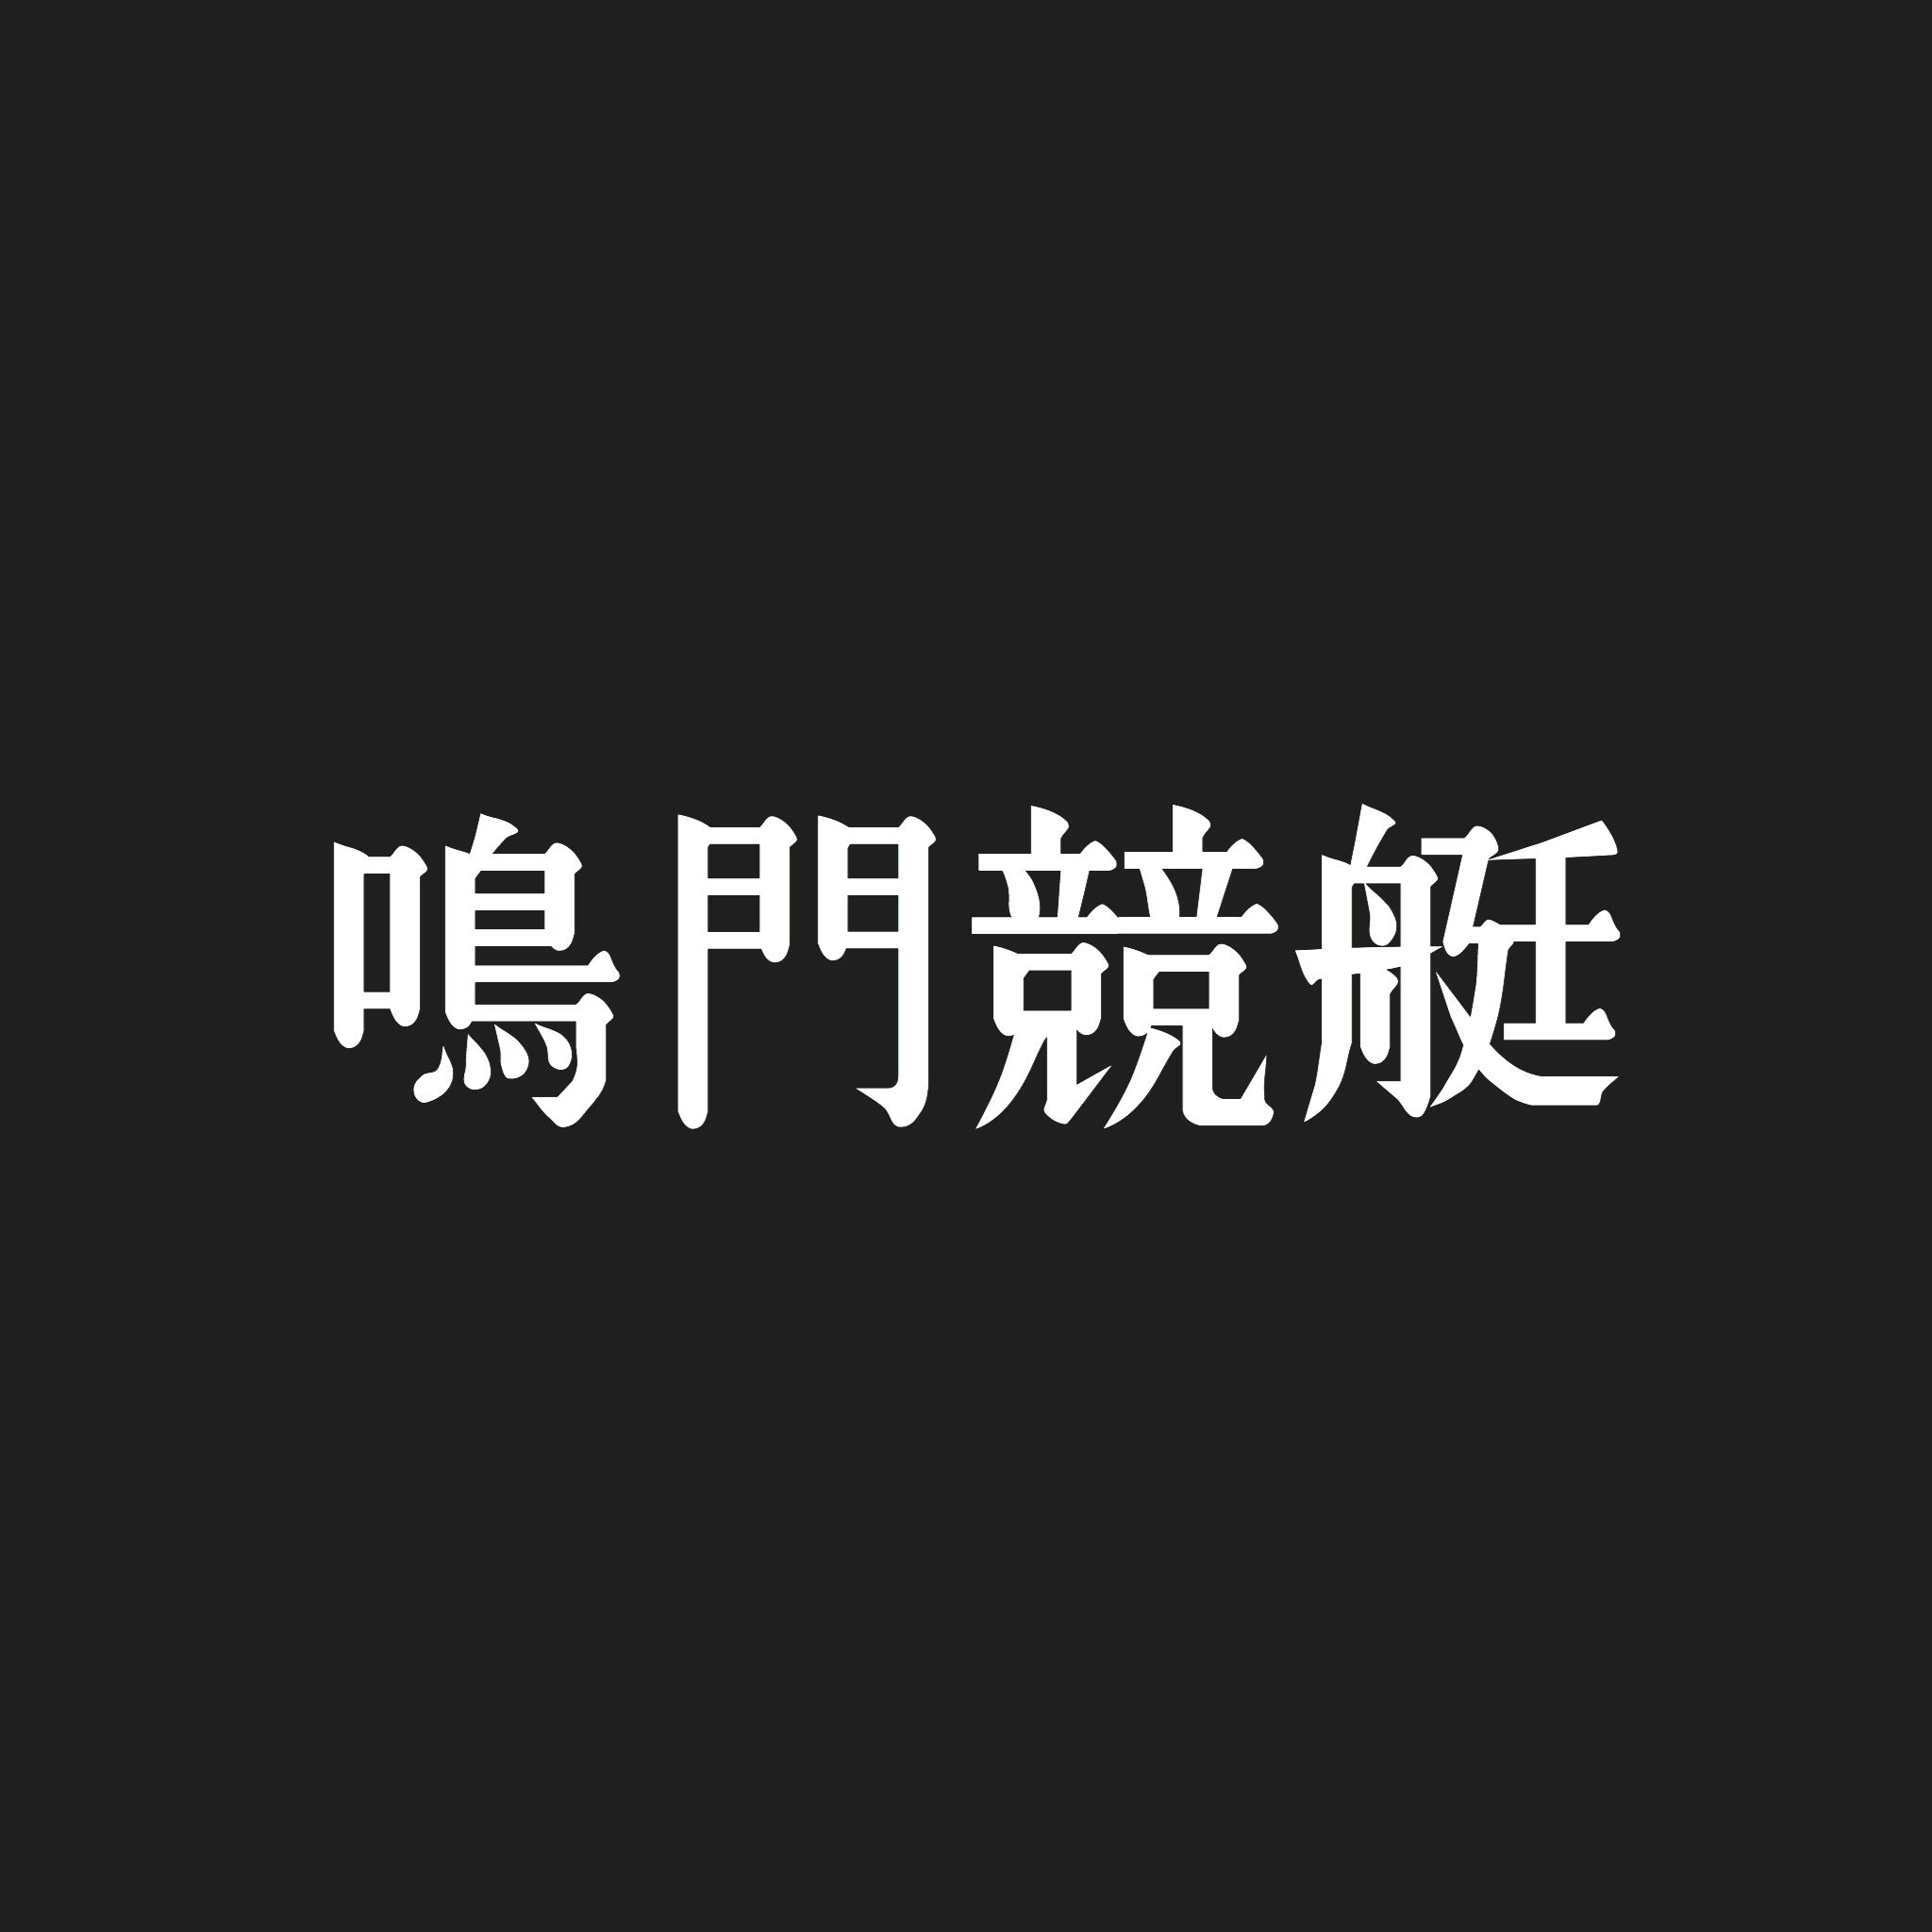 鳴門 G1 大渦大賞開設65周年記念競走 4日目(2018.10.04)